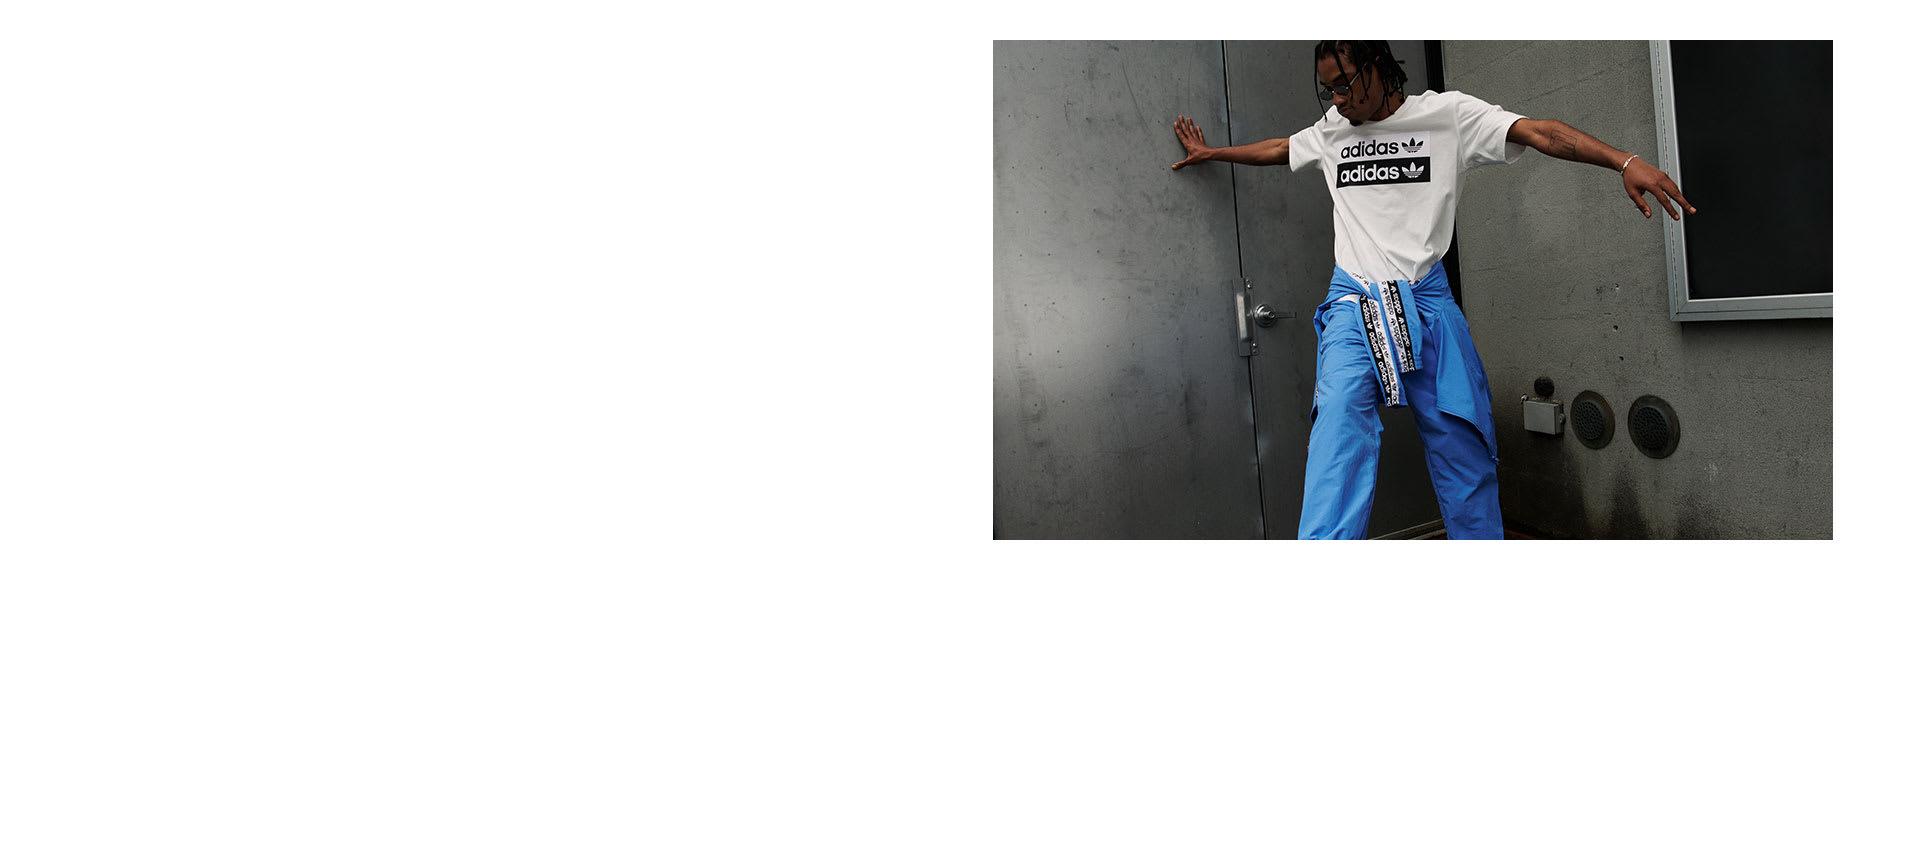 OriginalsBoutique Officielle Officielle Officielle OriginalsBoutique OriginalsBoutique Adidas OriginalsBoutique Adidas Adidas Adidas Adidas Adidas OriginalsBoutique Officielle Officielle fIvb6yY7g